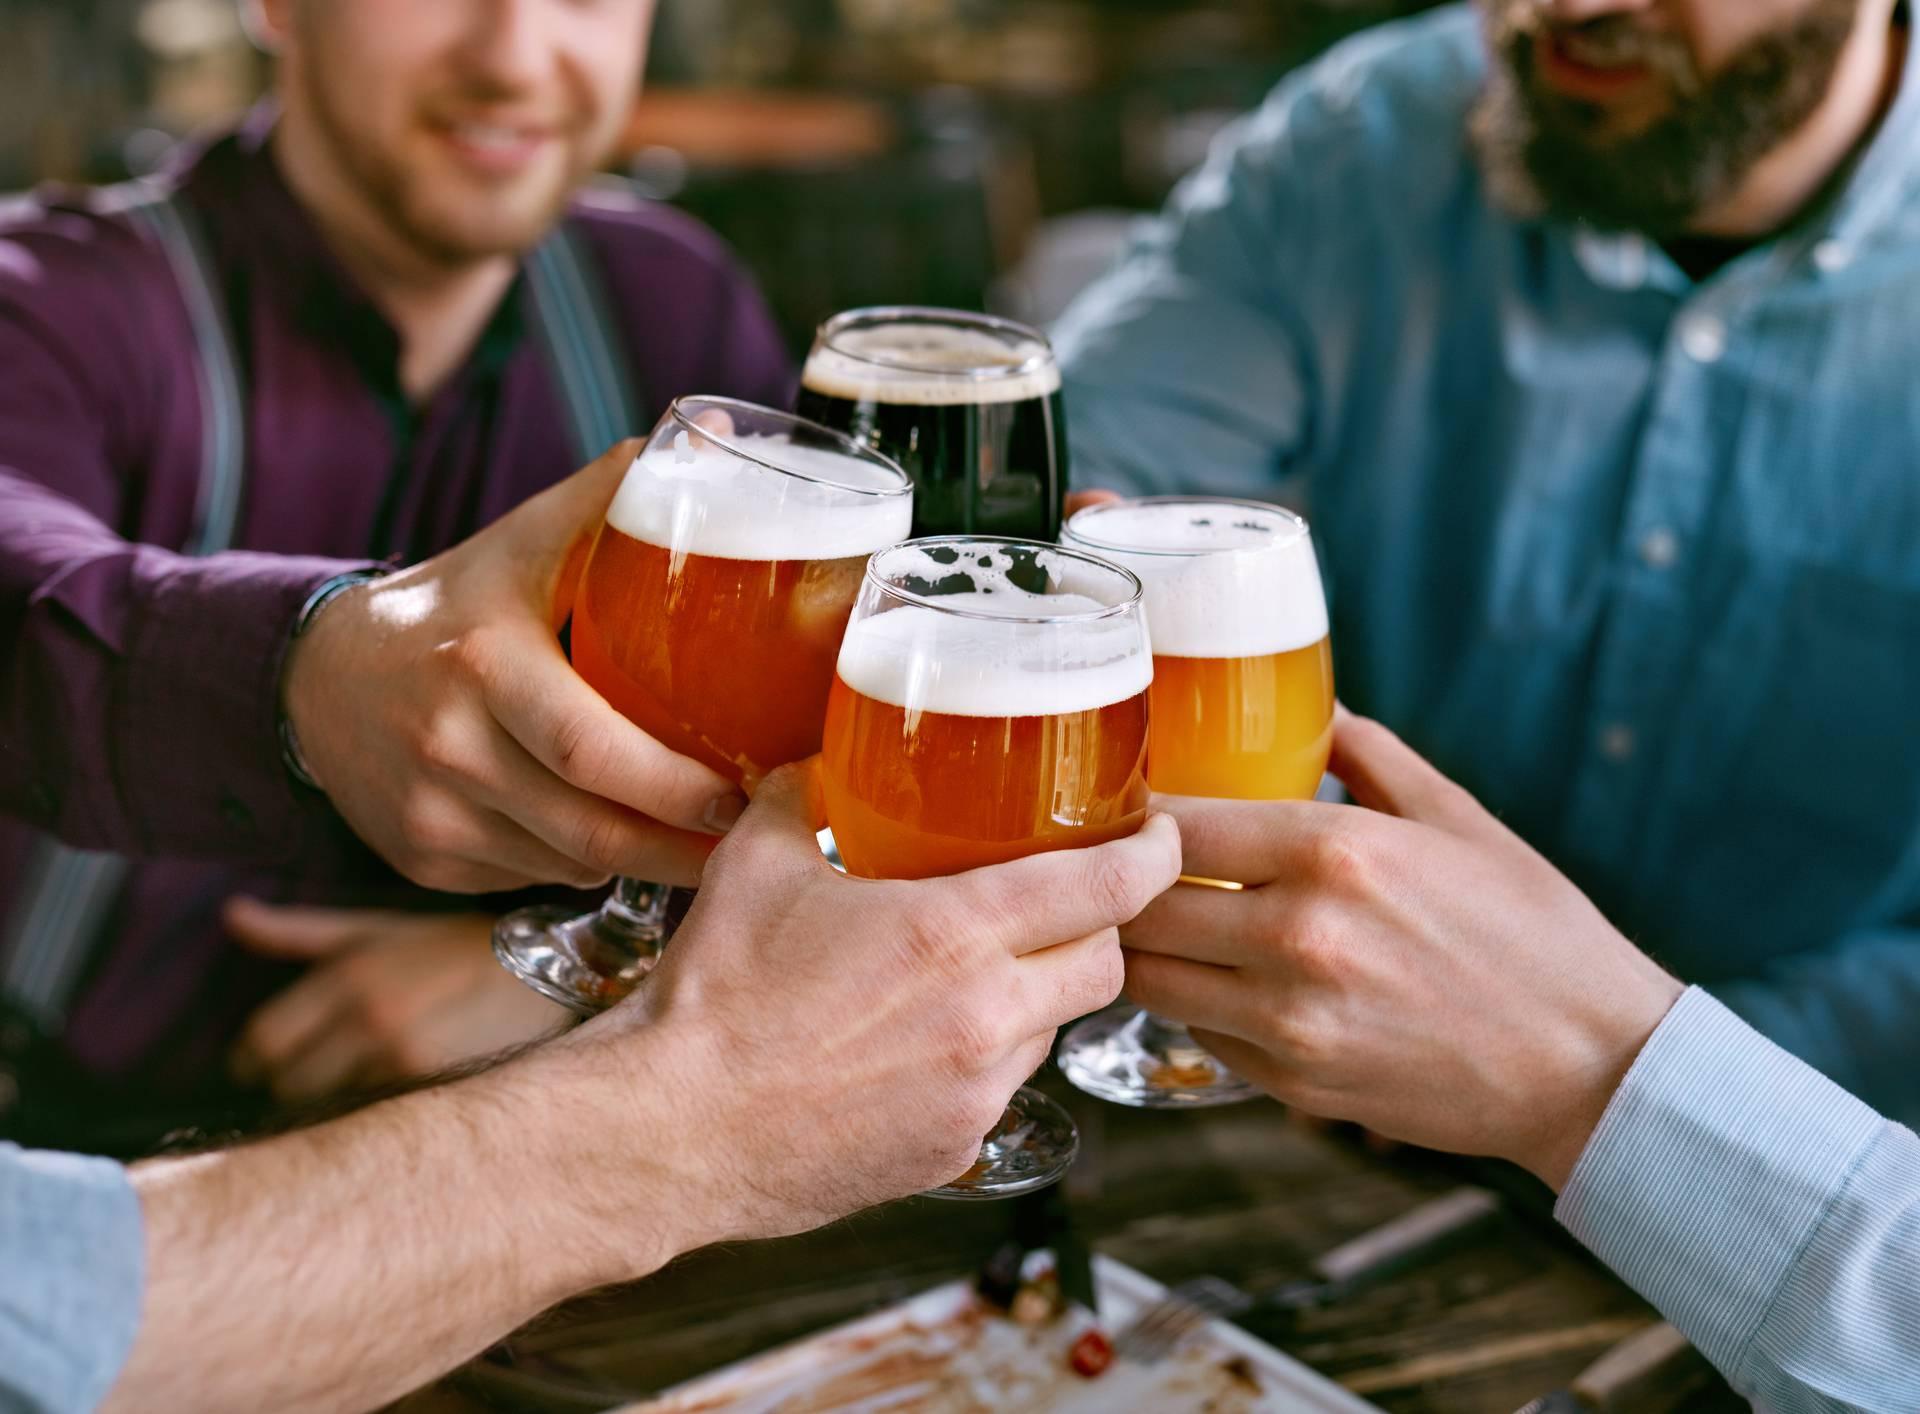 Pivo zbog hmelja može pomoći u boljoj koncentraciji odraslih